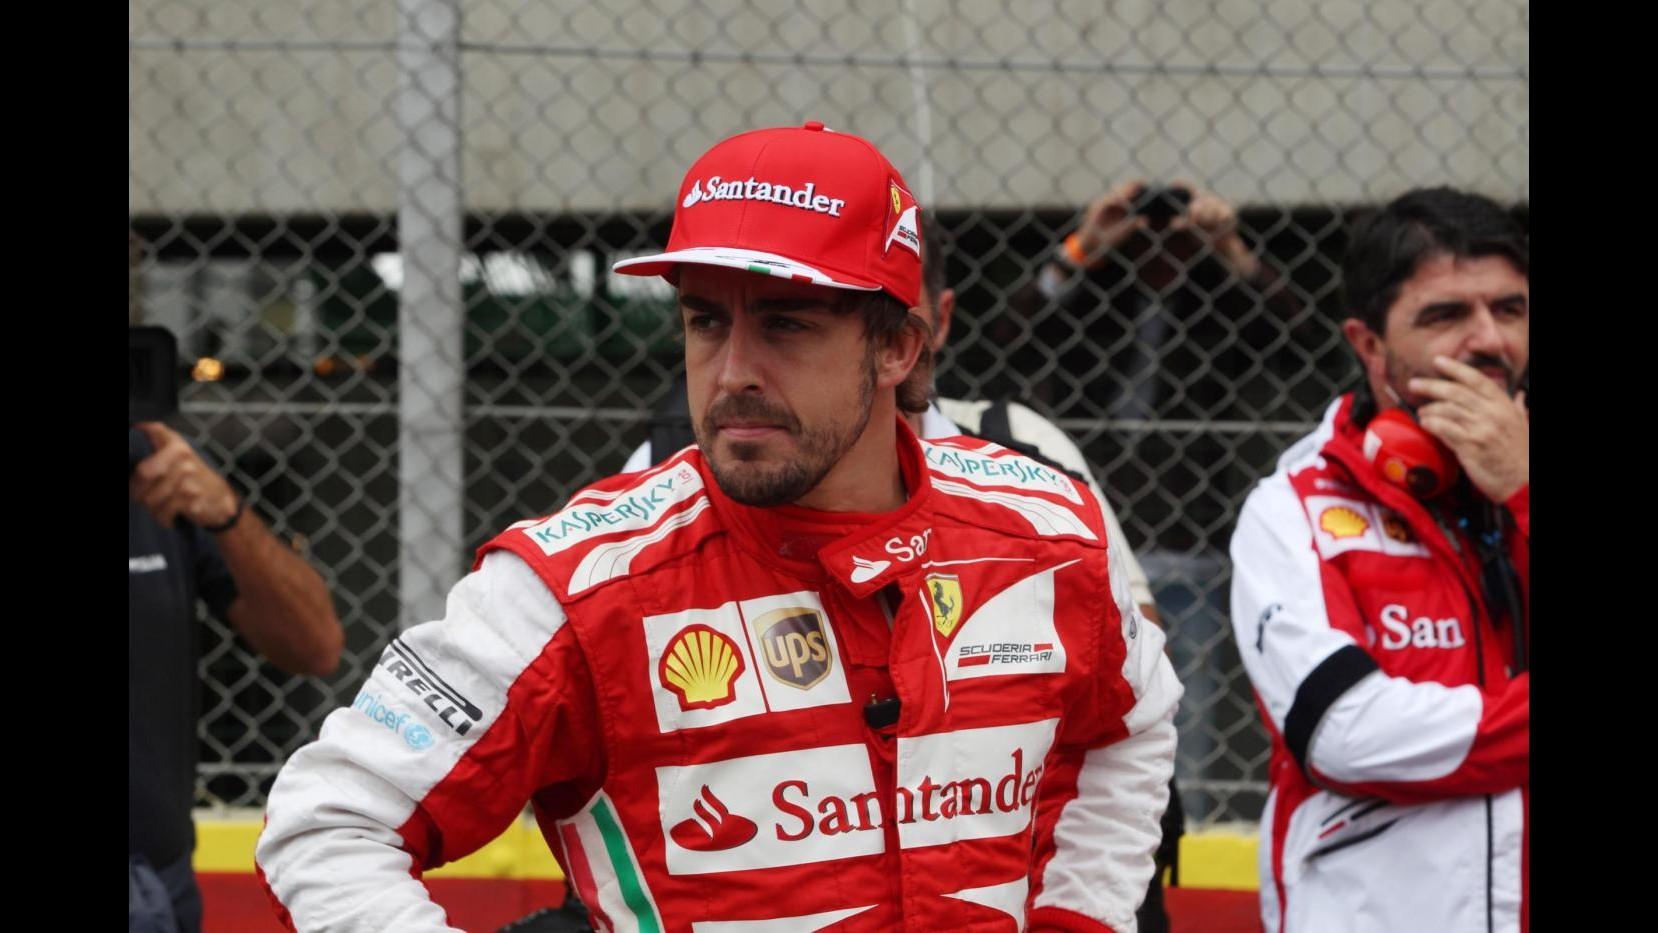 Alonso: Massa? Resteremo amici. Peccato non sia arrivata pioggia. Massa: Passati momenti fantastici